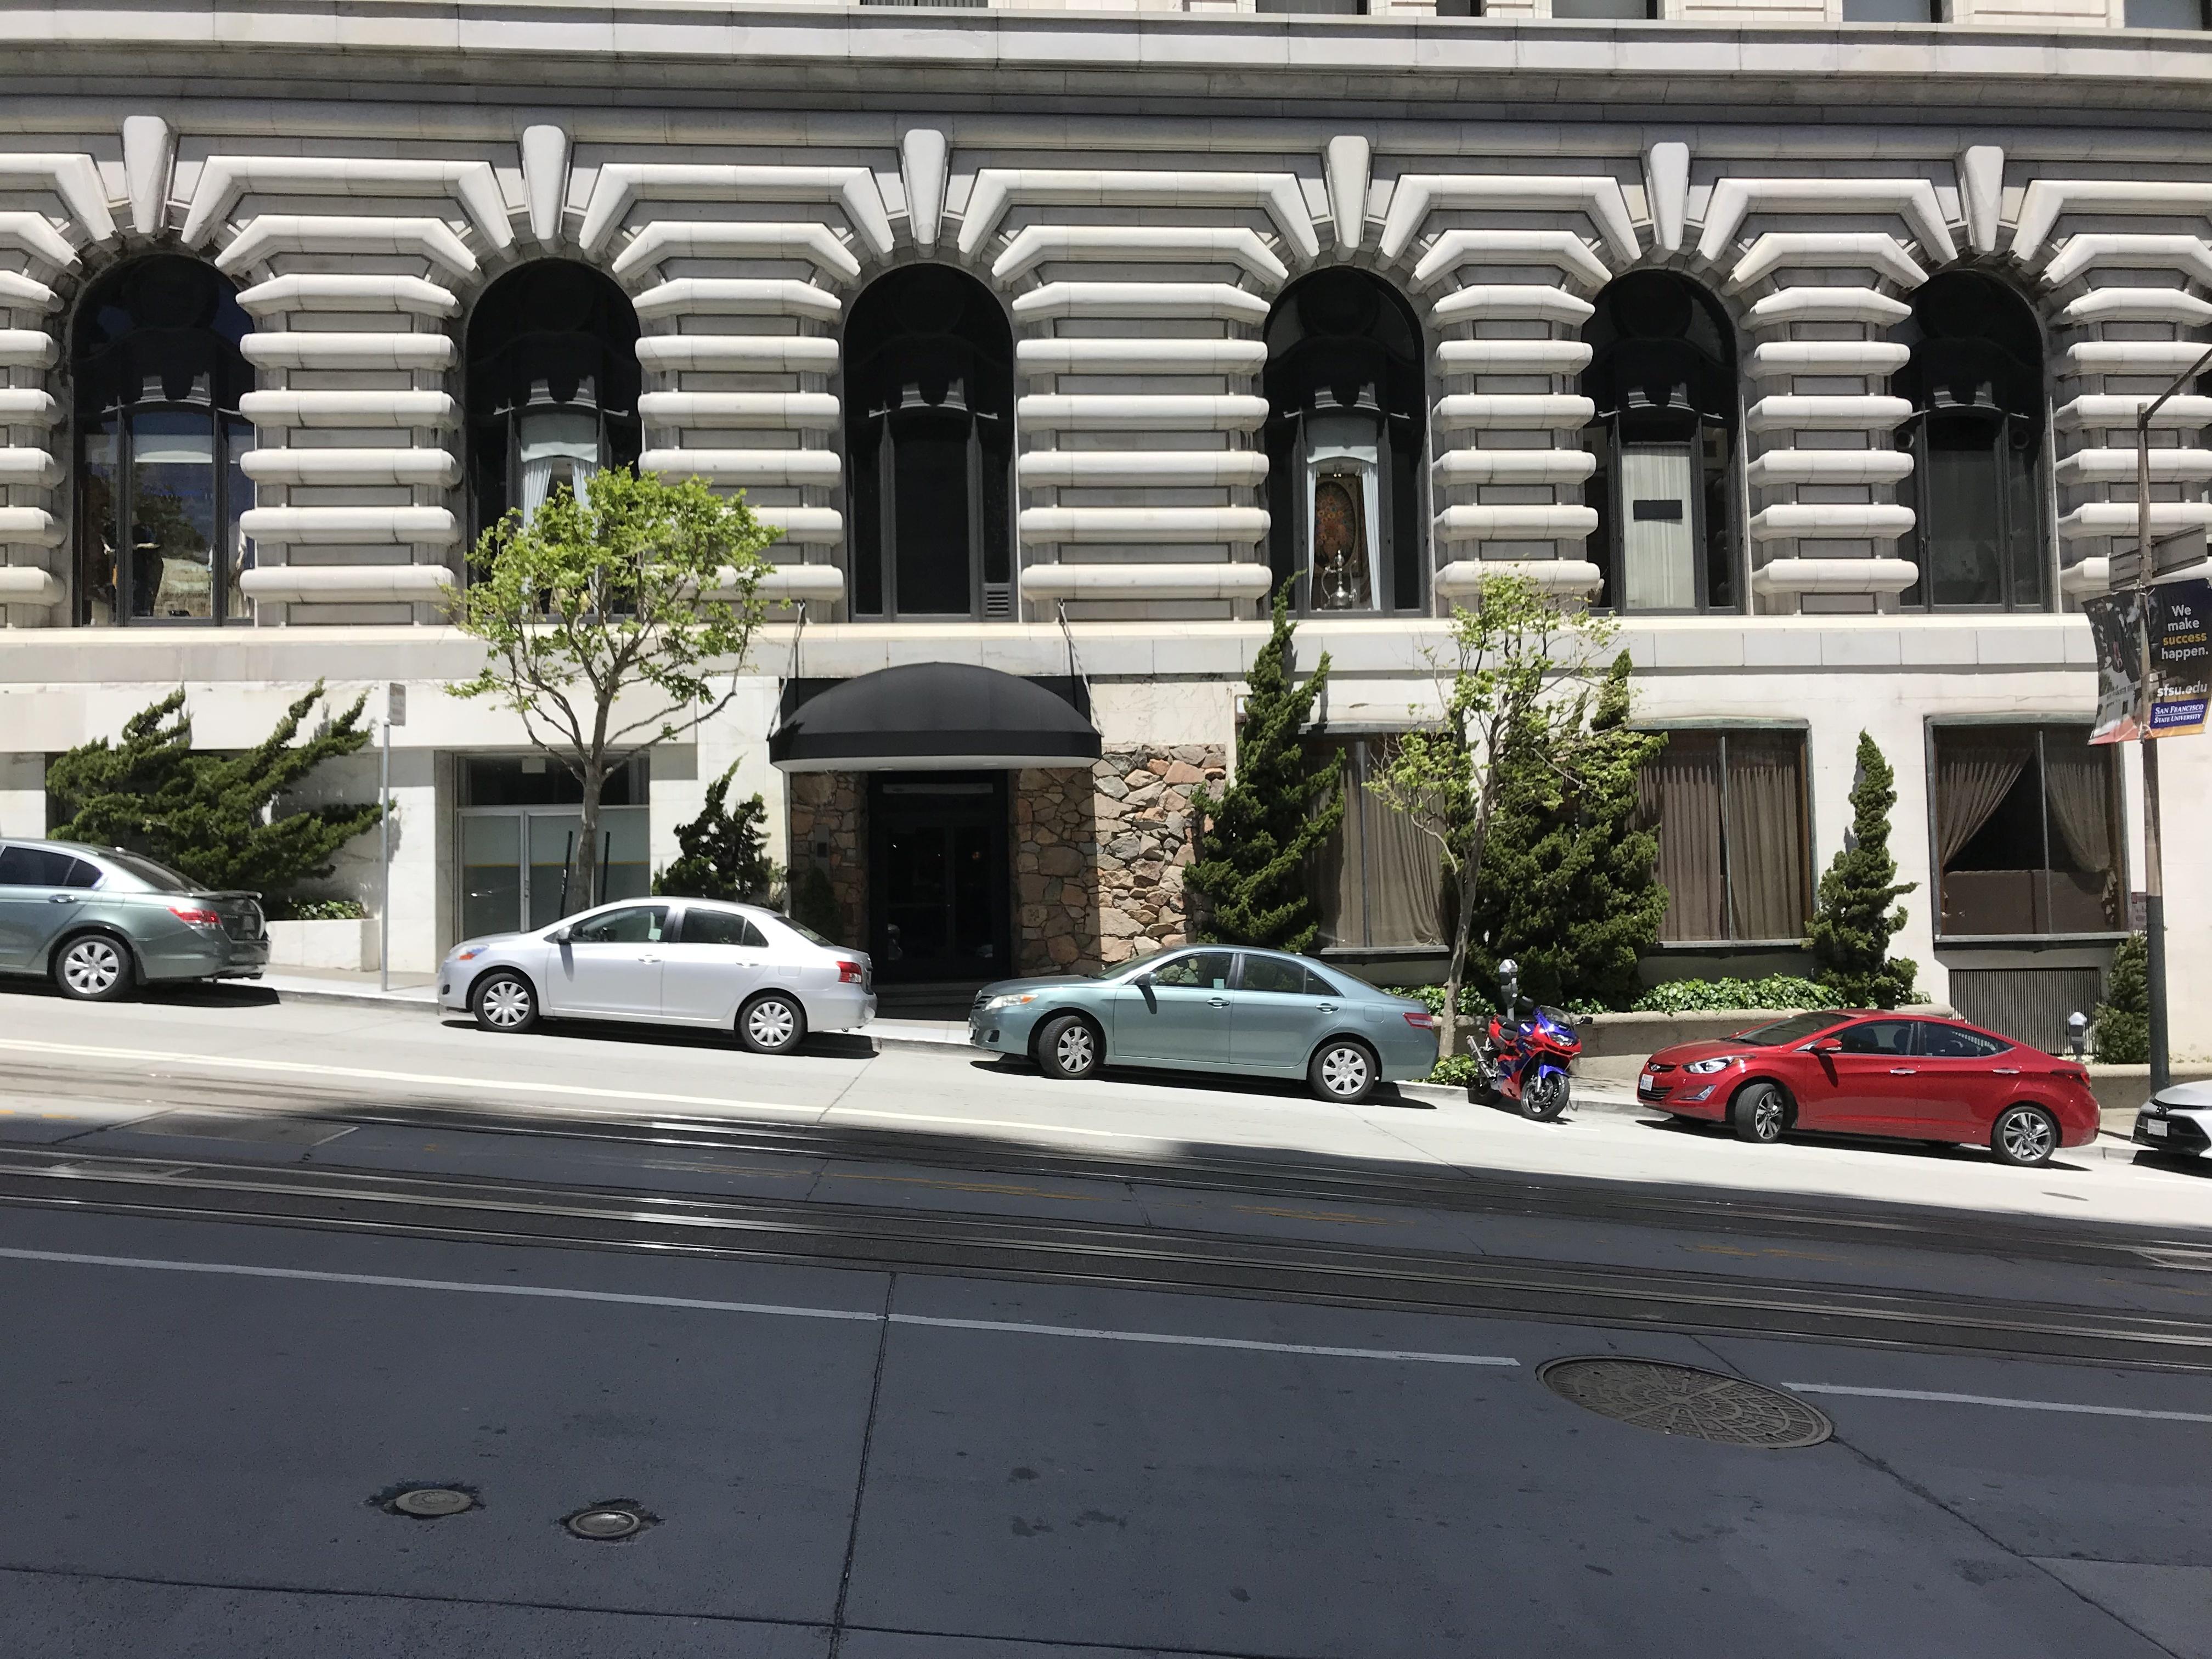 サンフランシスコの急坂に路駐する車です。